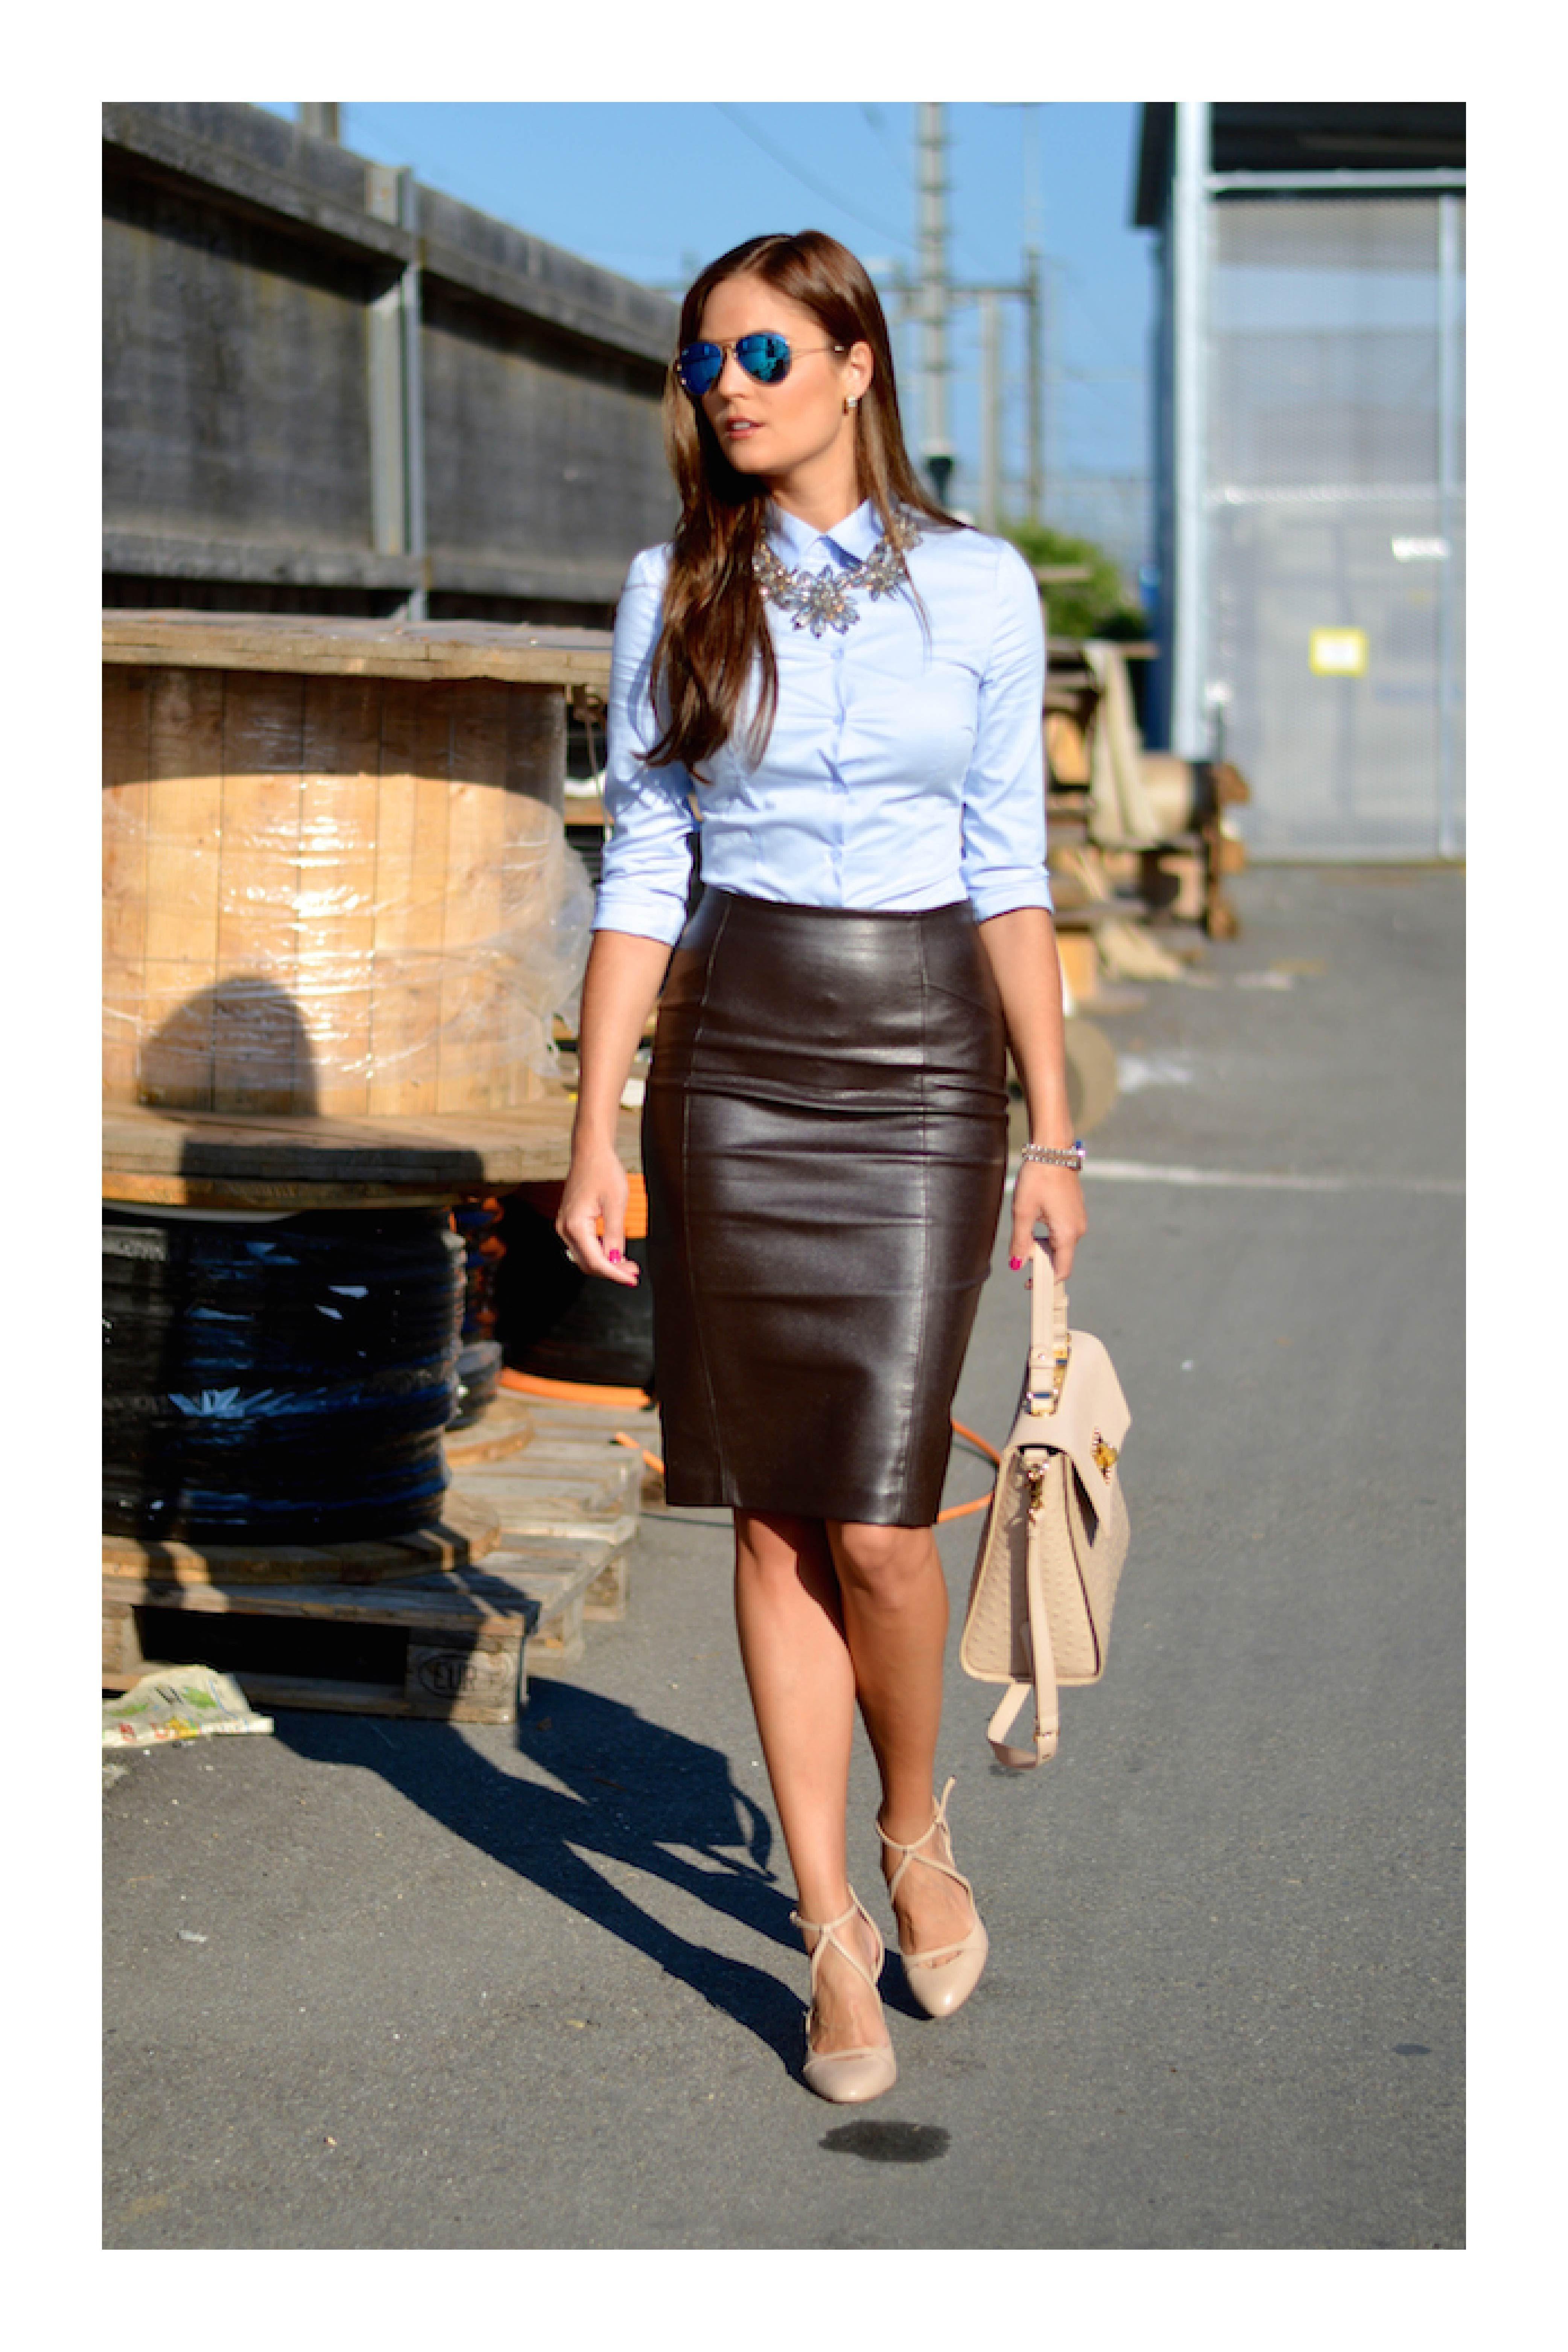 Luce una falda lápiz de la manera más elegante | Ropa, Moda